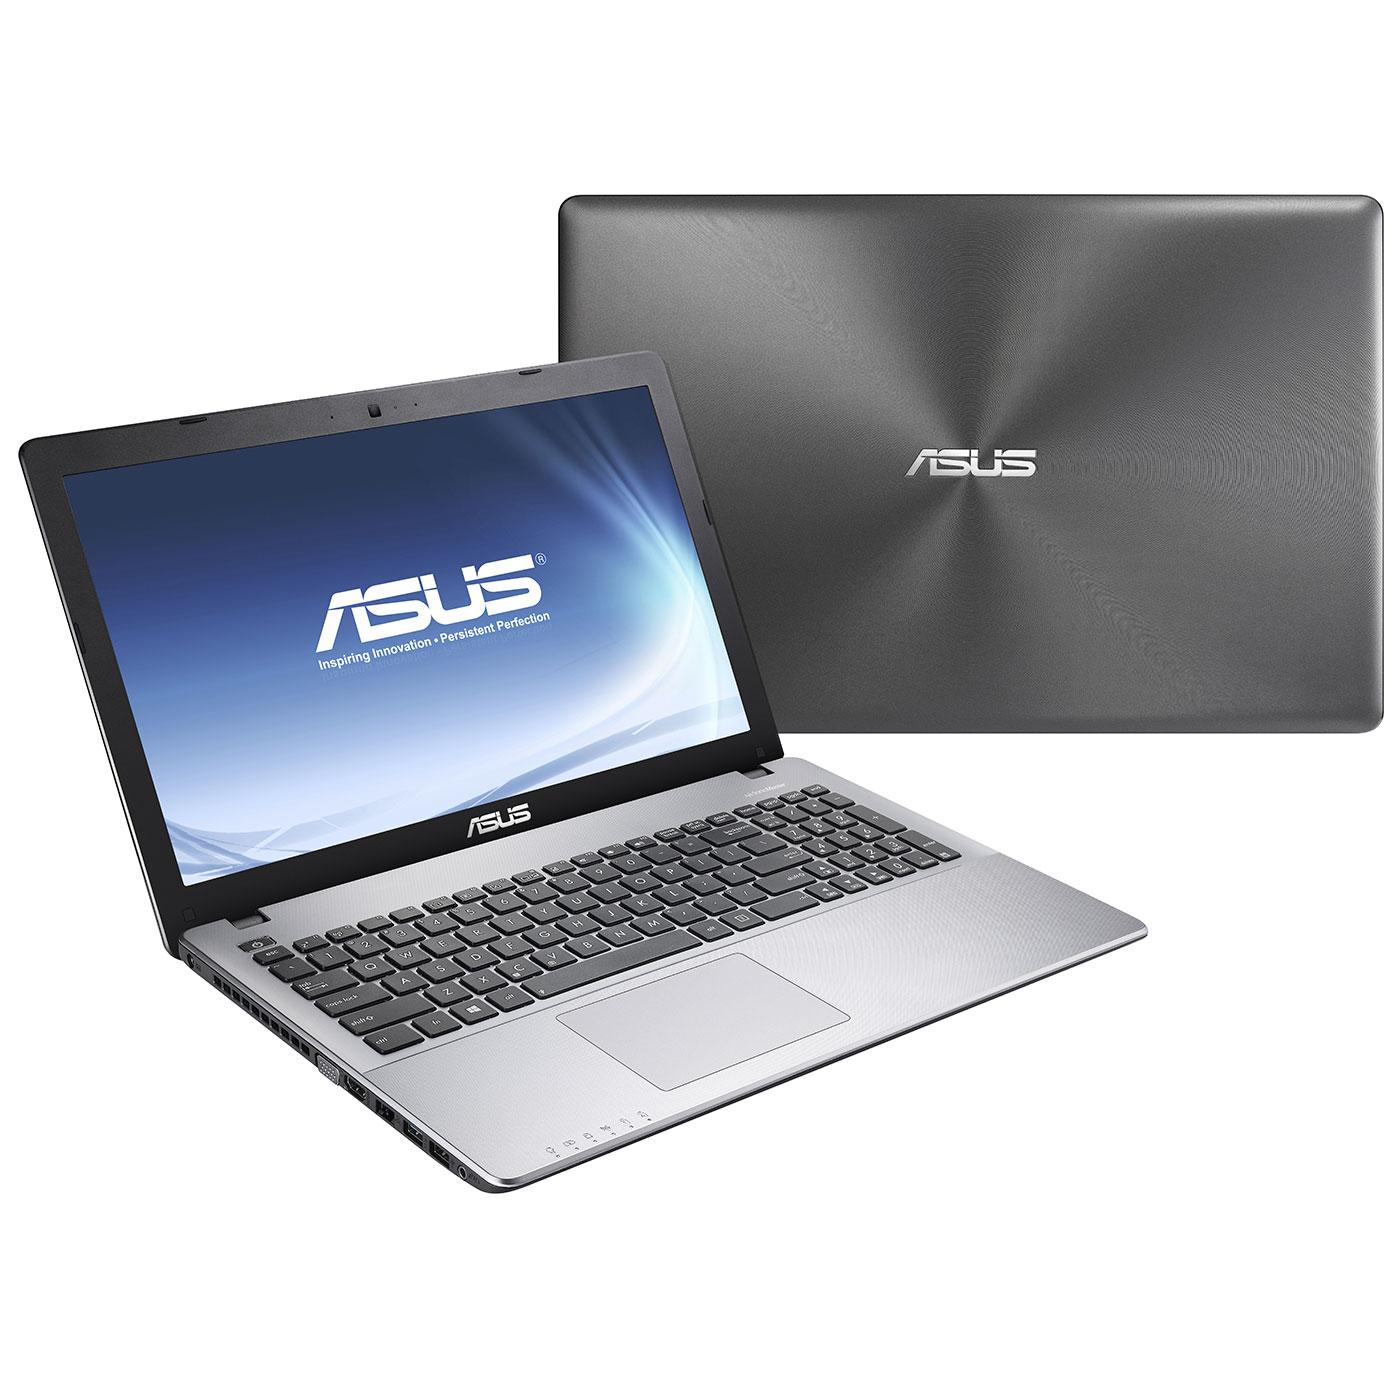 """PC portable ASUS R510JK-DM096H Intel Core i5-4200H 8 Go 1 To 15.6"""" LED NVIDIA GeForce GTX 850M Graveur DVD Wi-Fi N/Bluetooth Webcam Windows 8.1 64 bits (garantie constructeur 1 an)"""